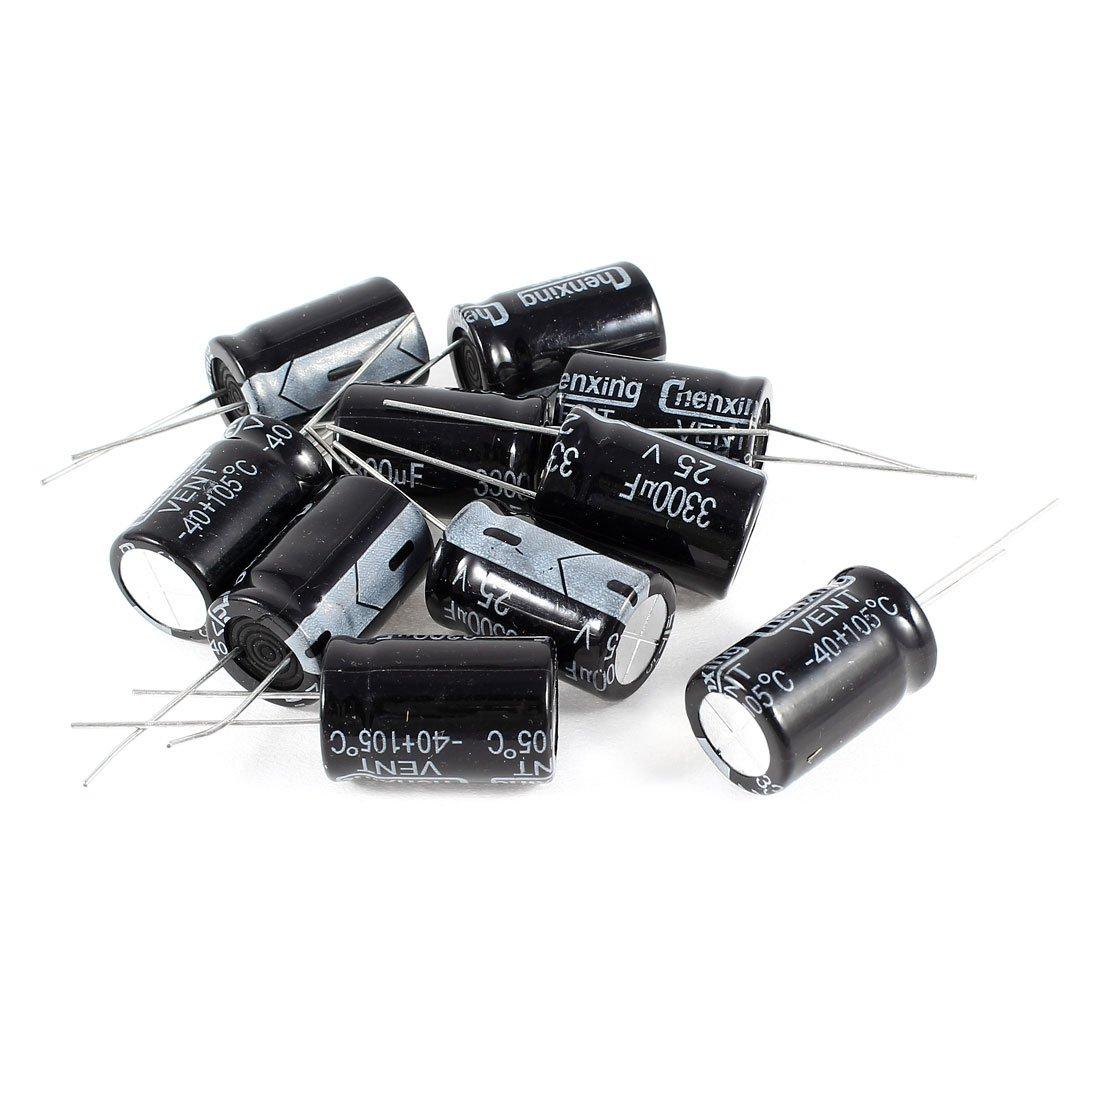 Uxcell 10 Pcs 3300Uf 25V Radial Aluminum Electrolytic Capacitors, 16 x 25 mm a14062700ux0333